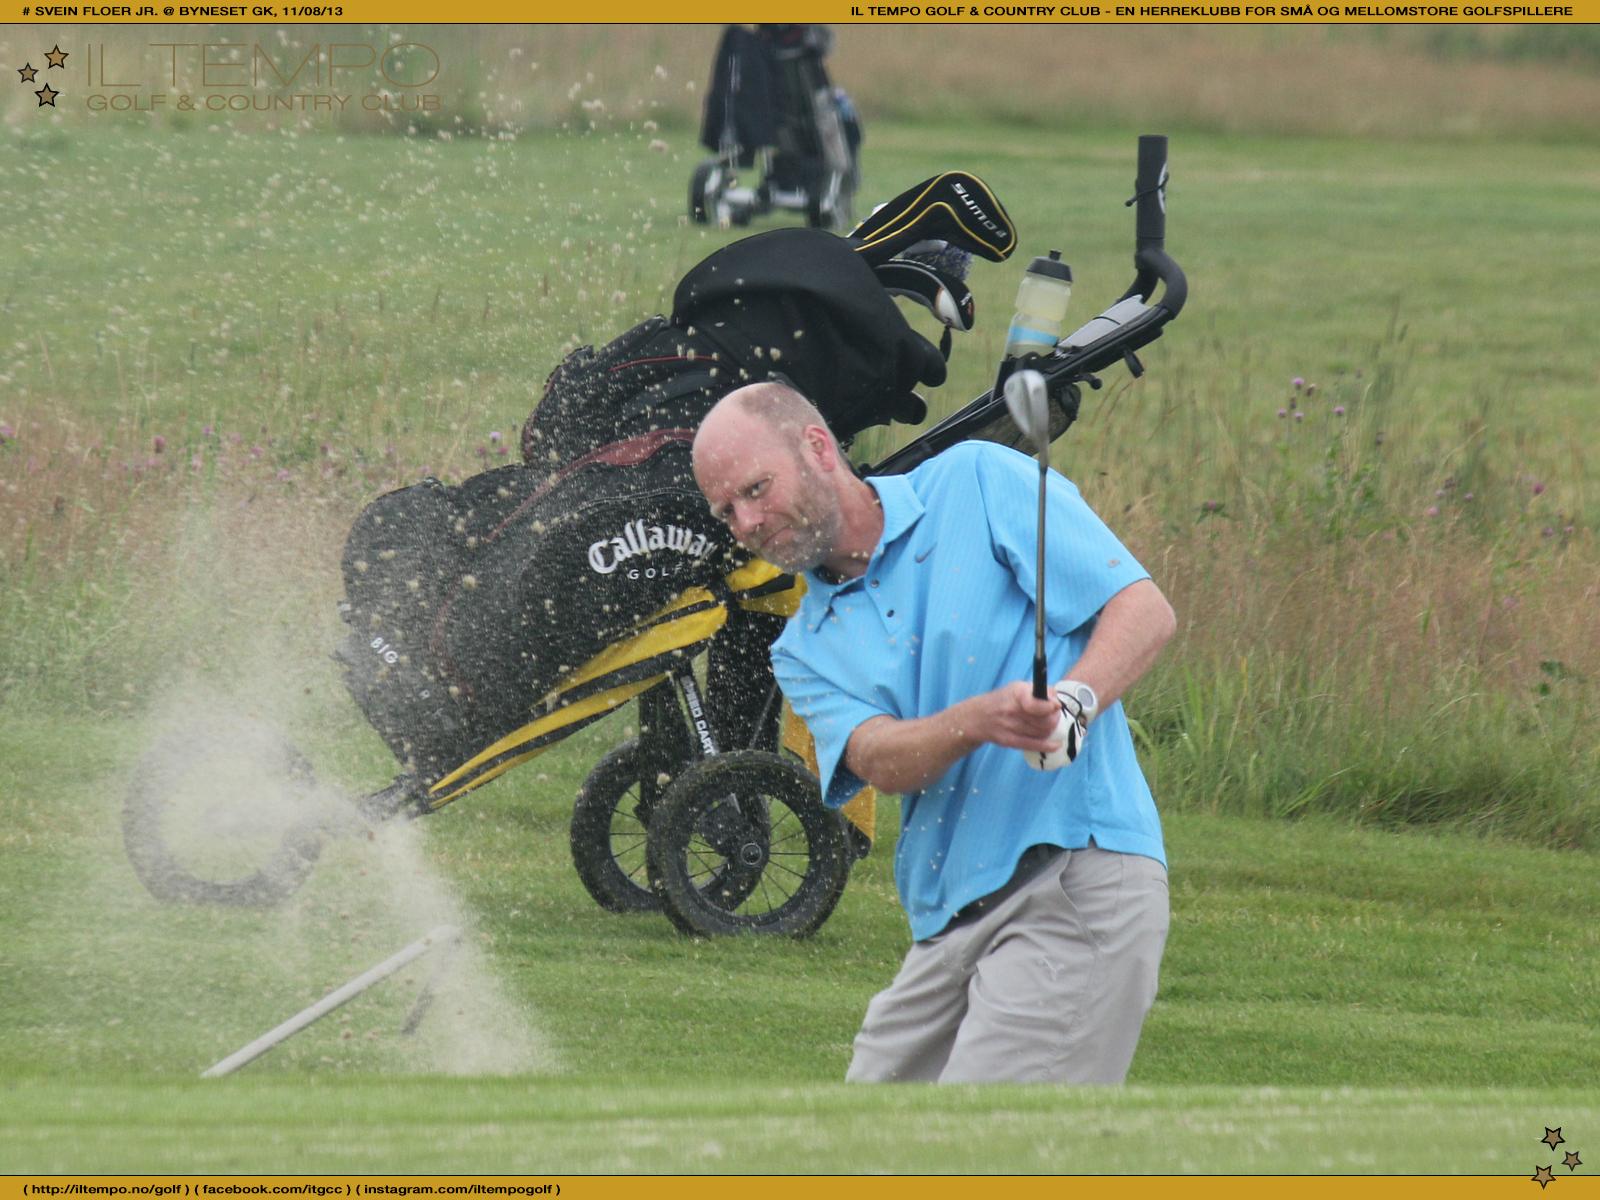 byneset golfklubb facebook